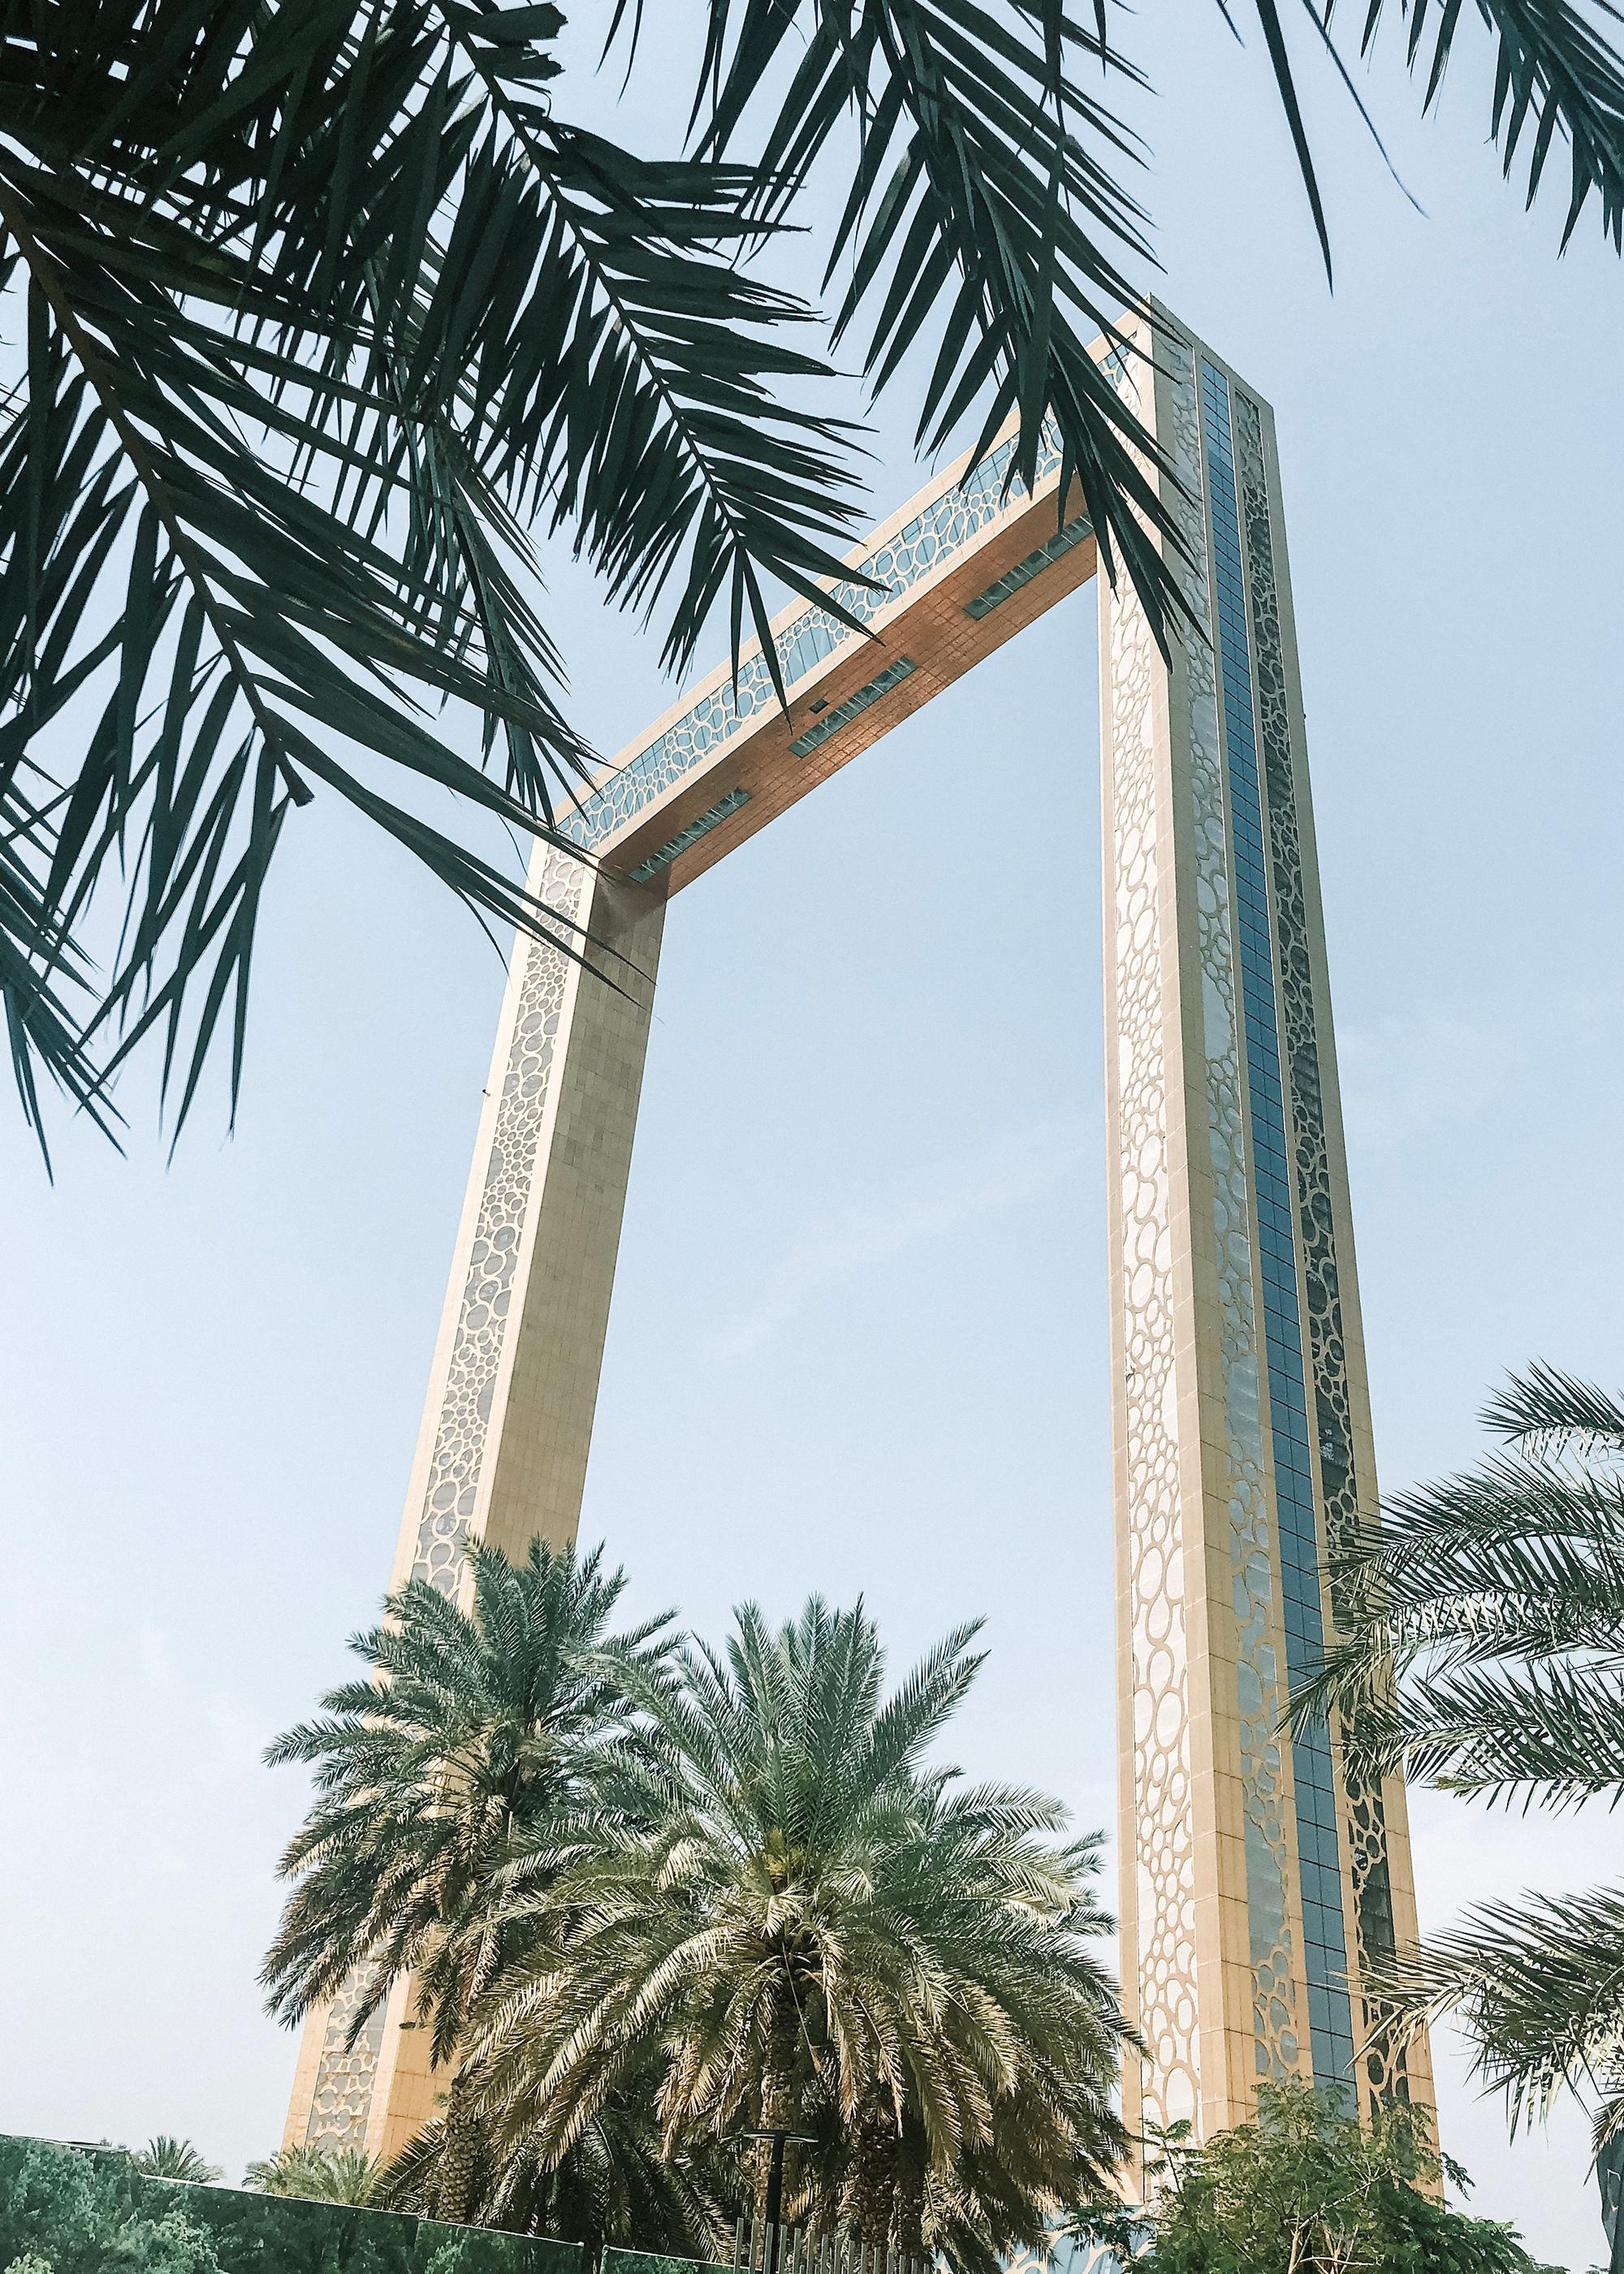 Dubai A-Ö | Dubai reseguide | Dubai Frame | Travel Guide Dubai | By Sandramaria | Sandramarias.com